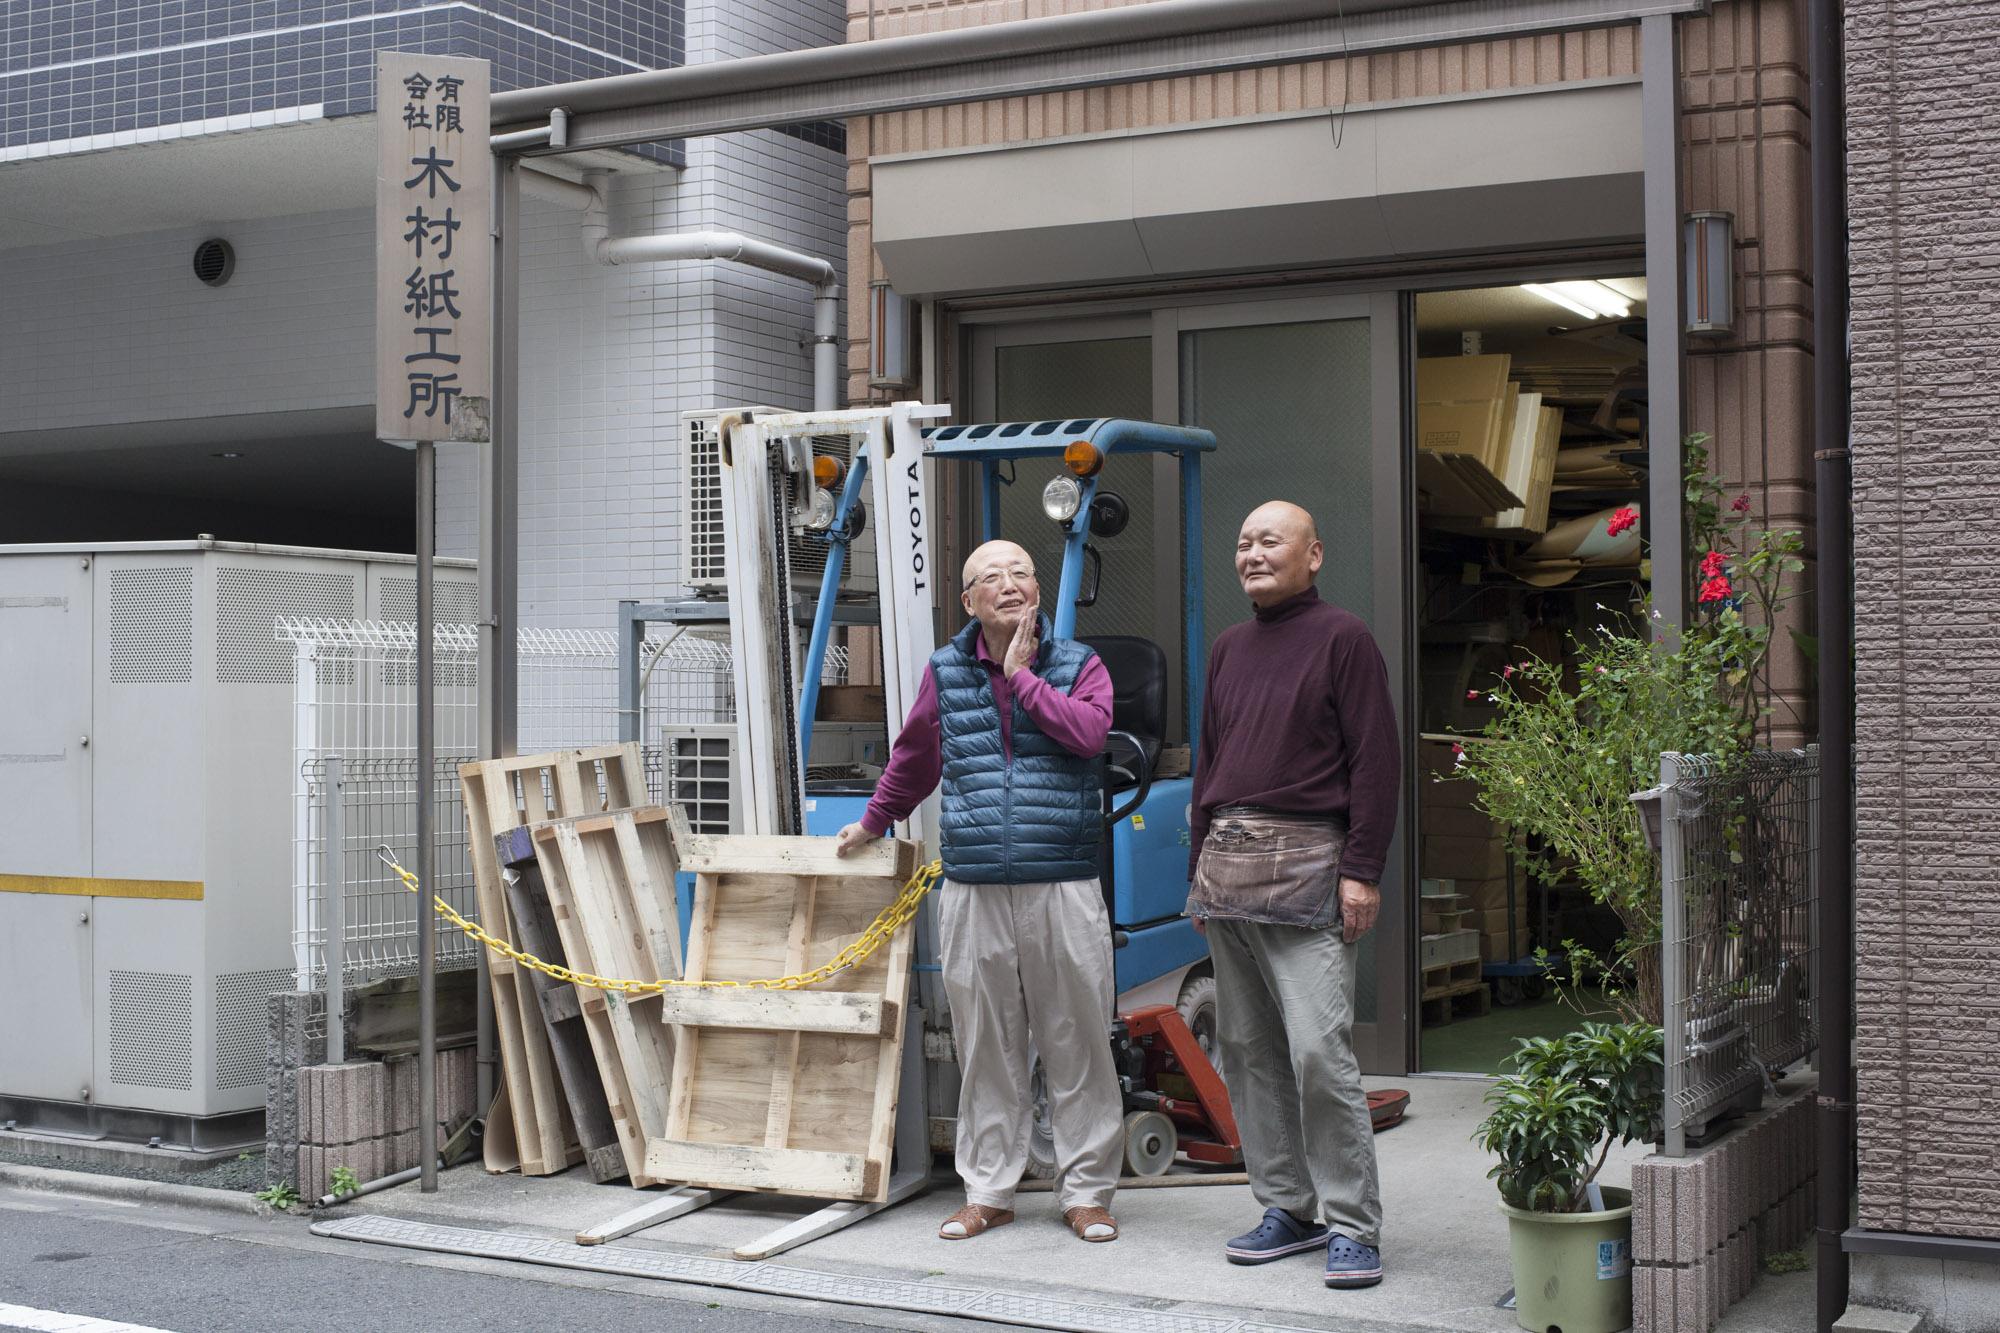 木村社長(左)と田村さん(右)